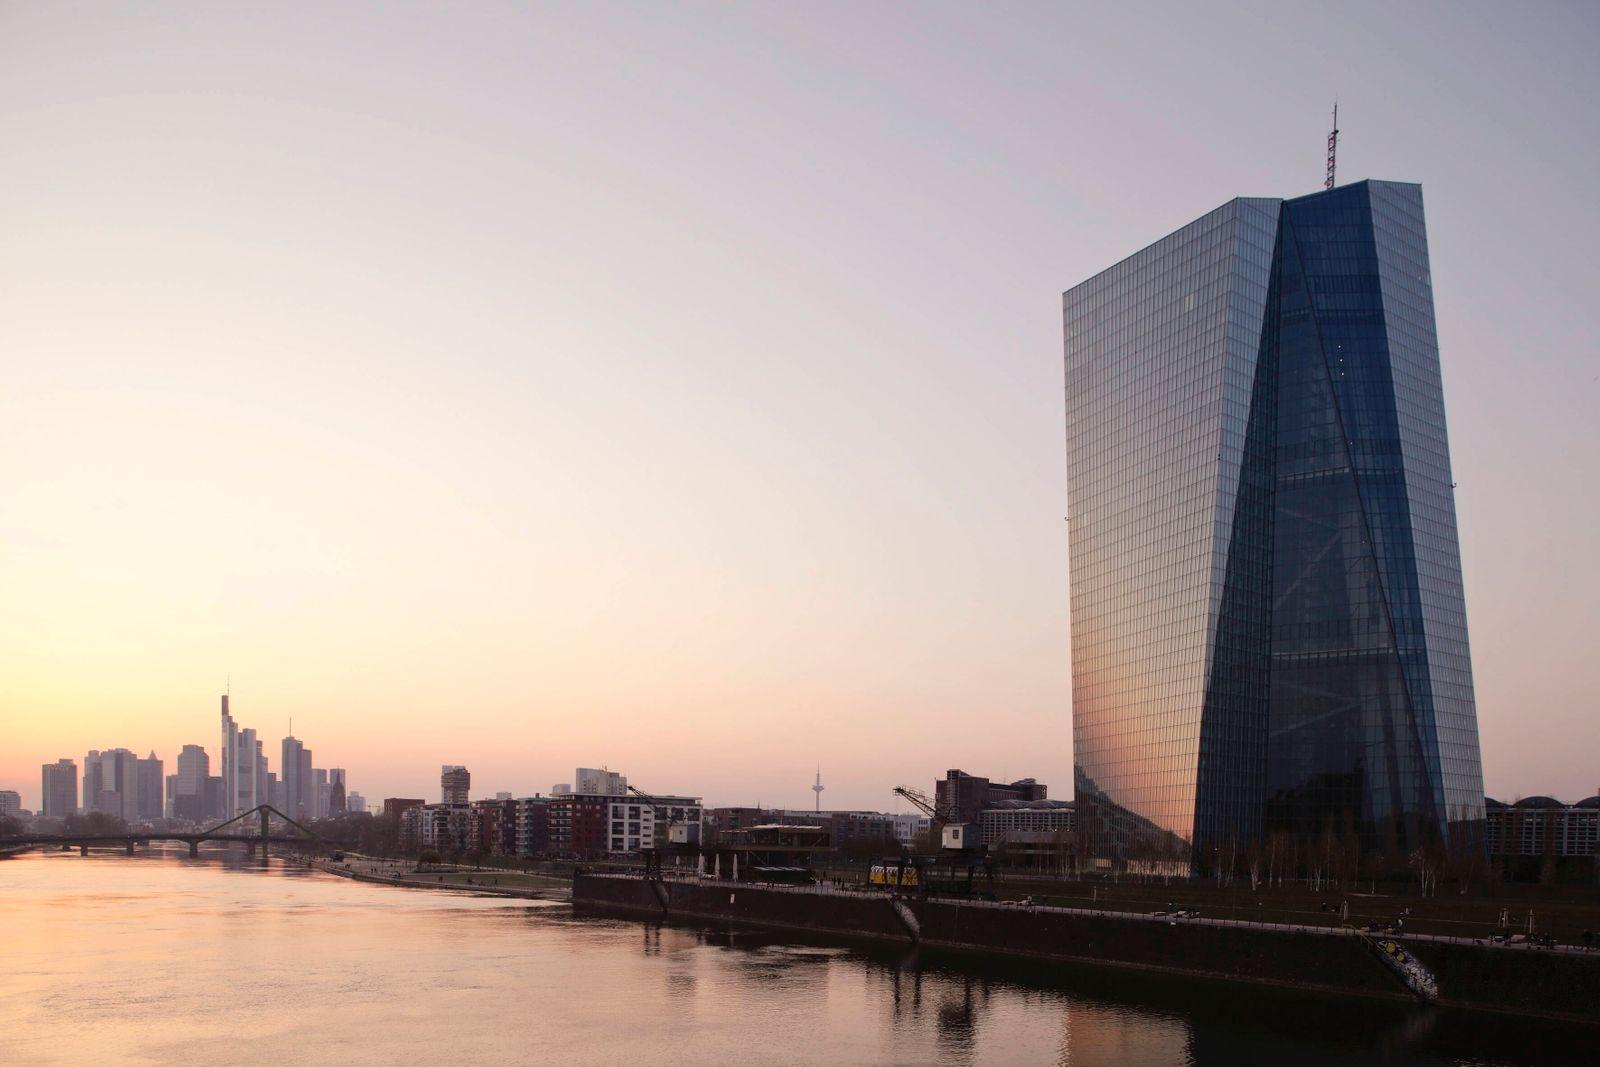 28.03.2020, Frankfurt am Main, Deutschland - Foto: Das markante Gebaeude der Europaeischen Zentralbank, EZB am Osthafen